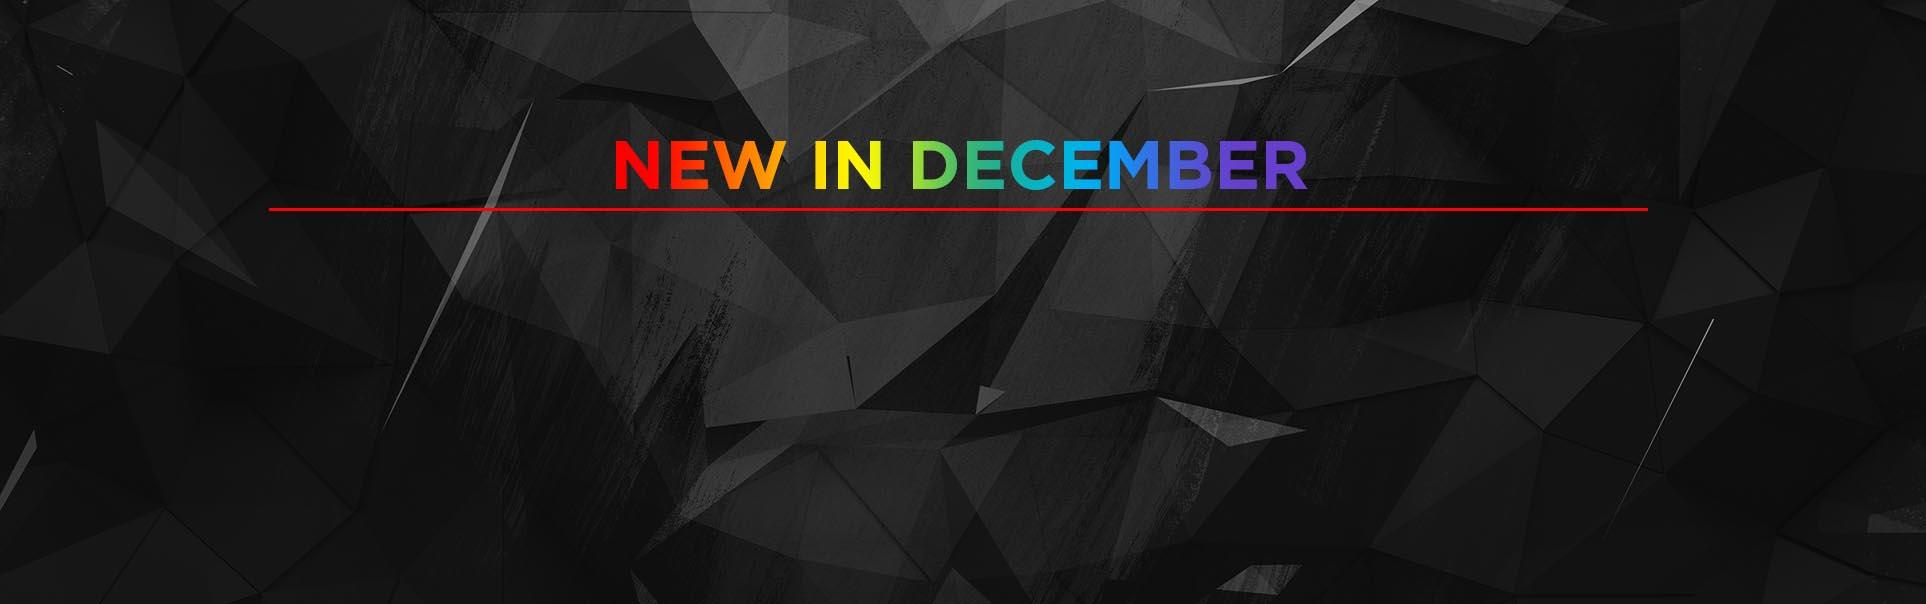 New In December